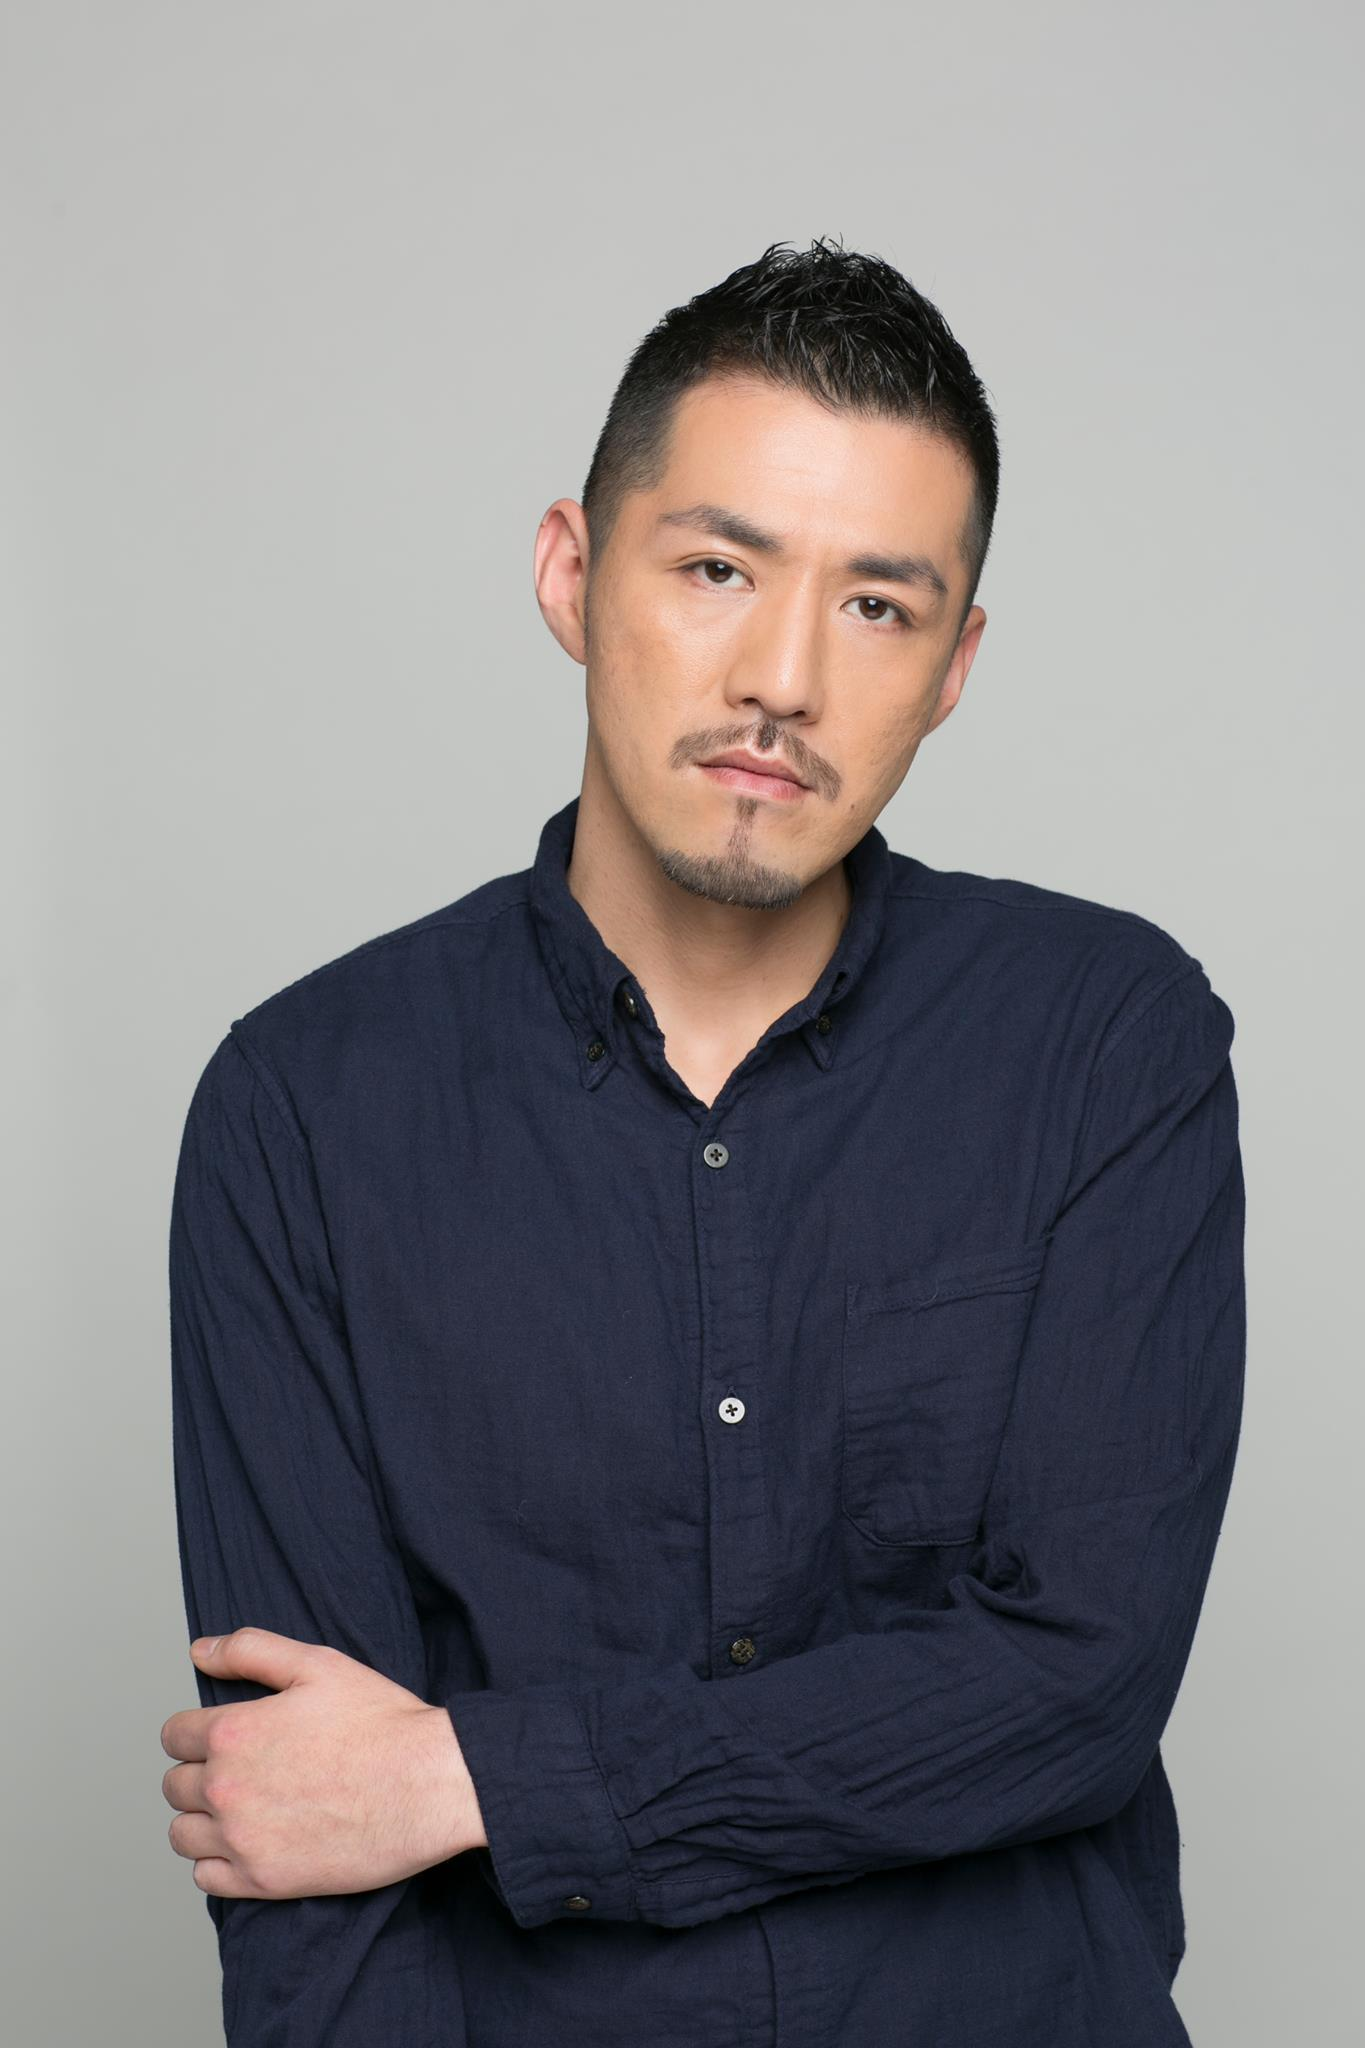 吉原光夫さんプロフィール画像